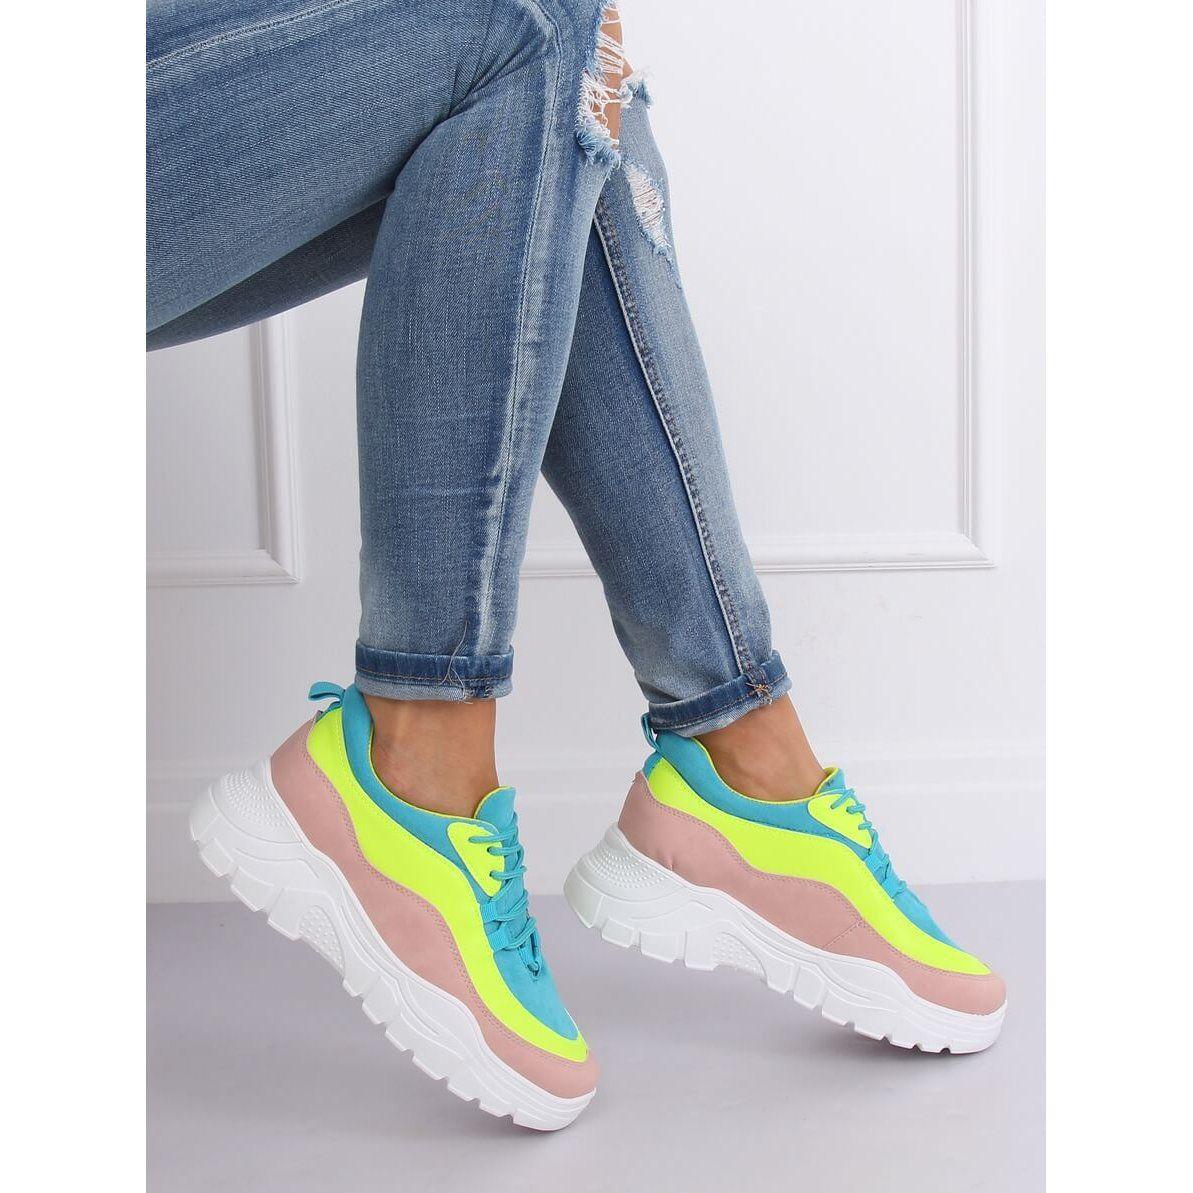 Buty Sportowe Wielokolorowe 902 3 Pink Saucony Sneaker Shoes Sneakers